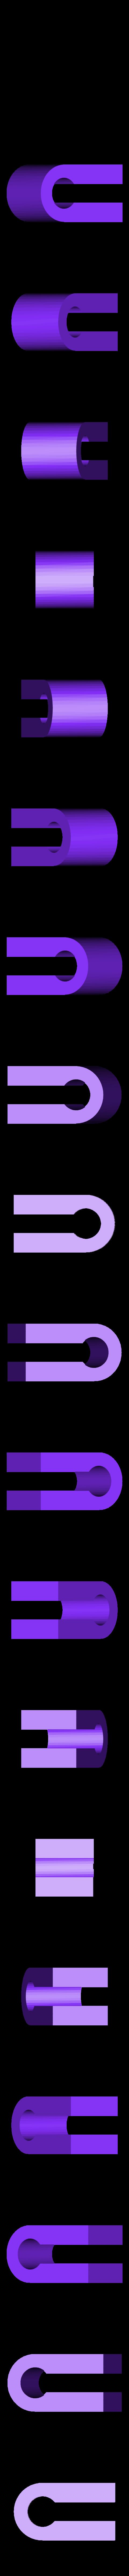 SpoolM6Clamp.STL Télécharger fichier STL gratuit Bobine • Objet à imprimer en 3D, billythemighty3Dprinter